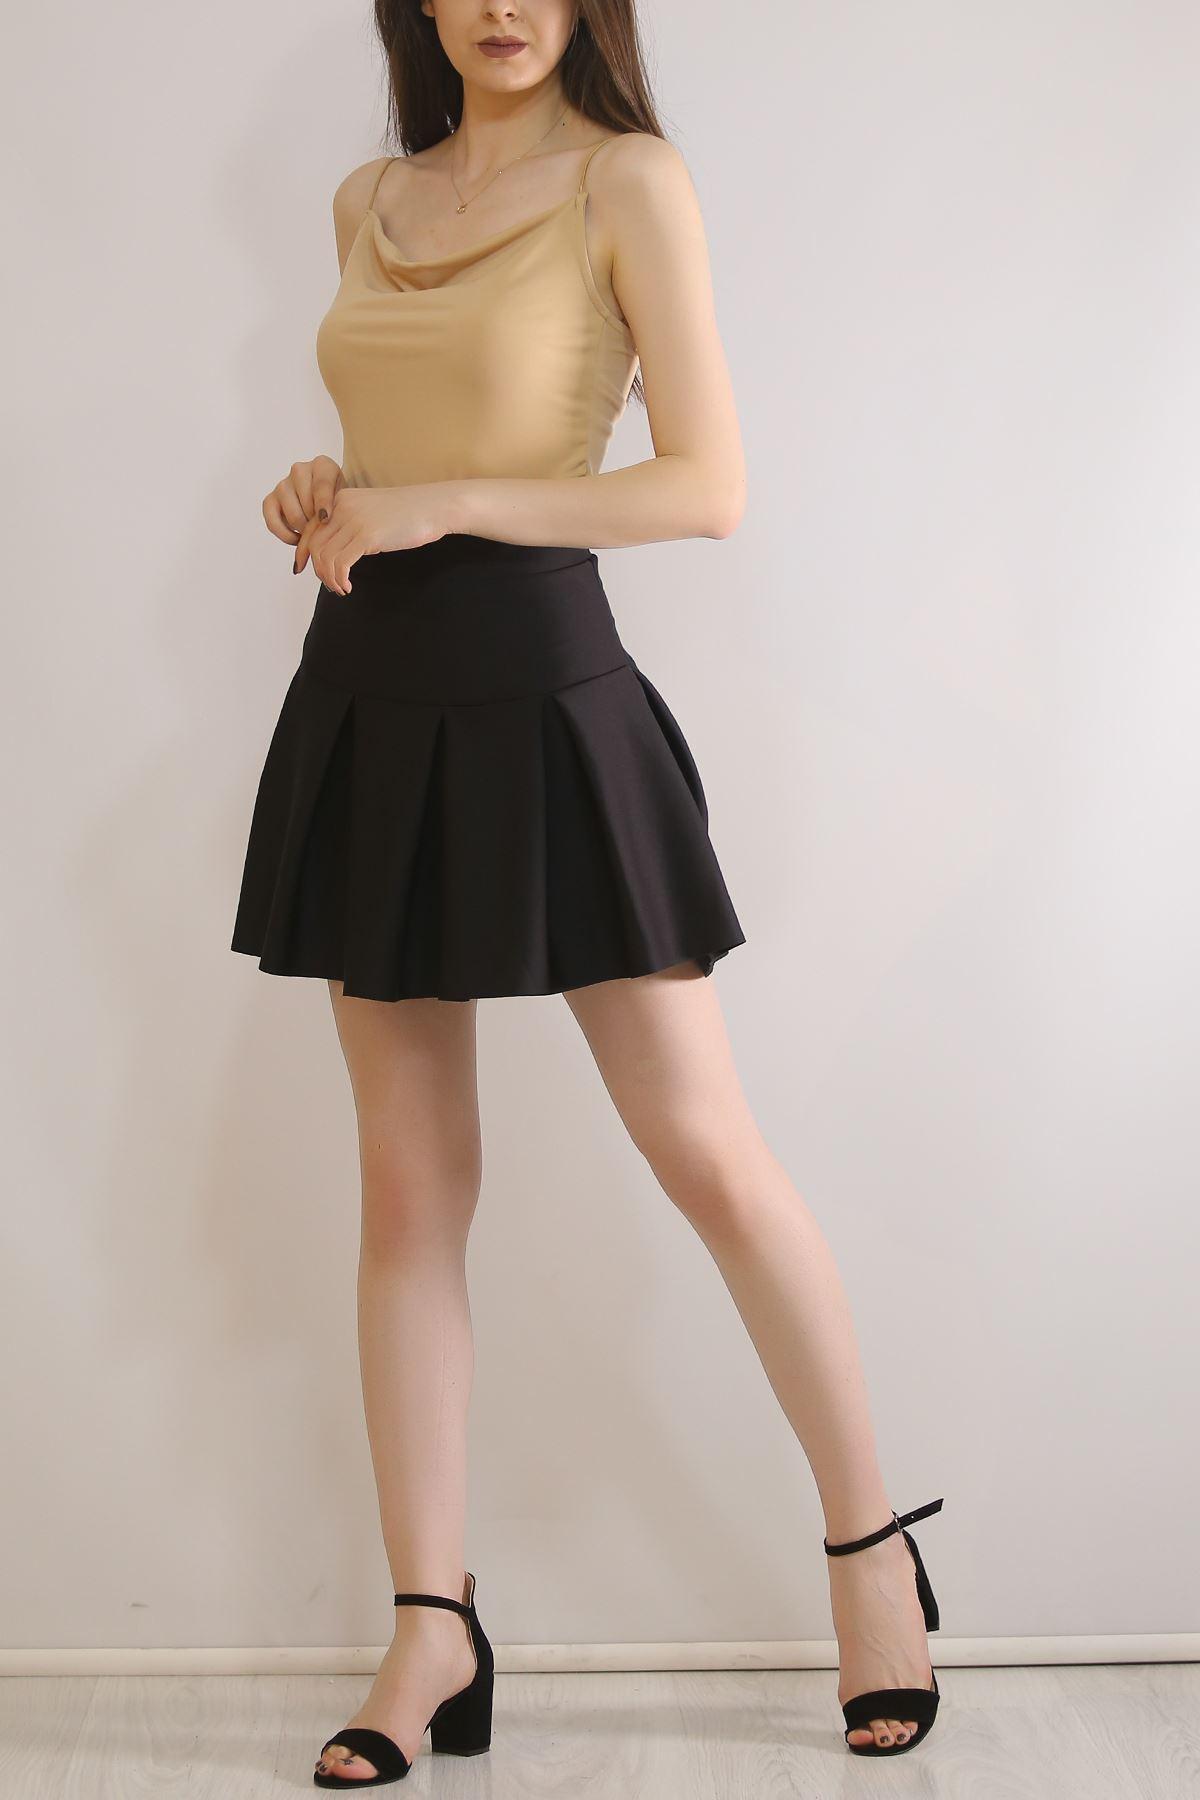 Pileli Dalgıç Mini Etek Siyah - 4874.148.